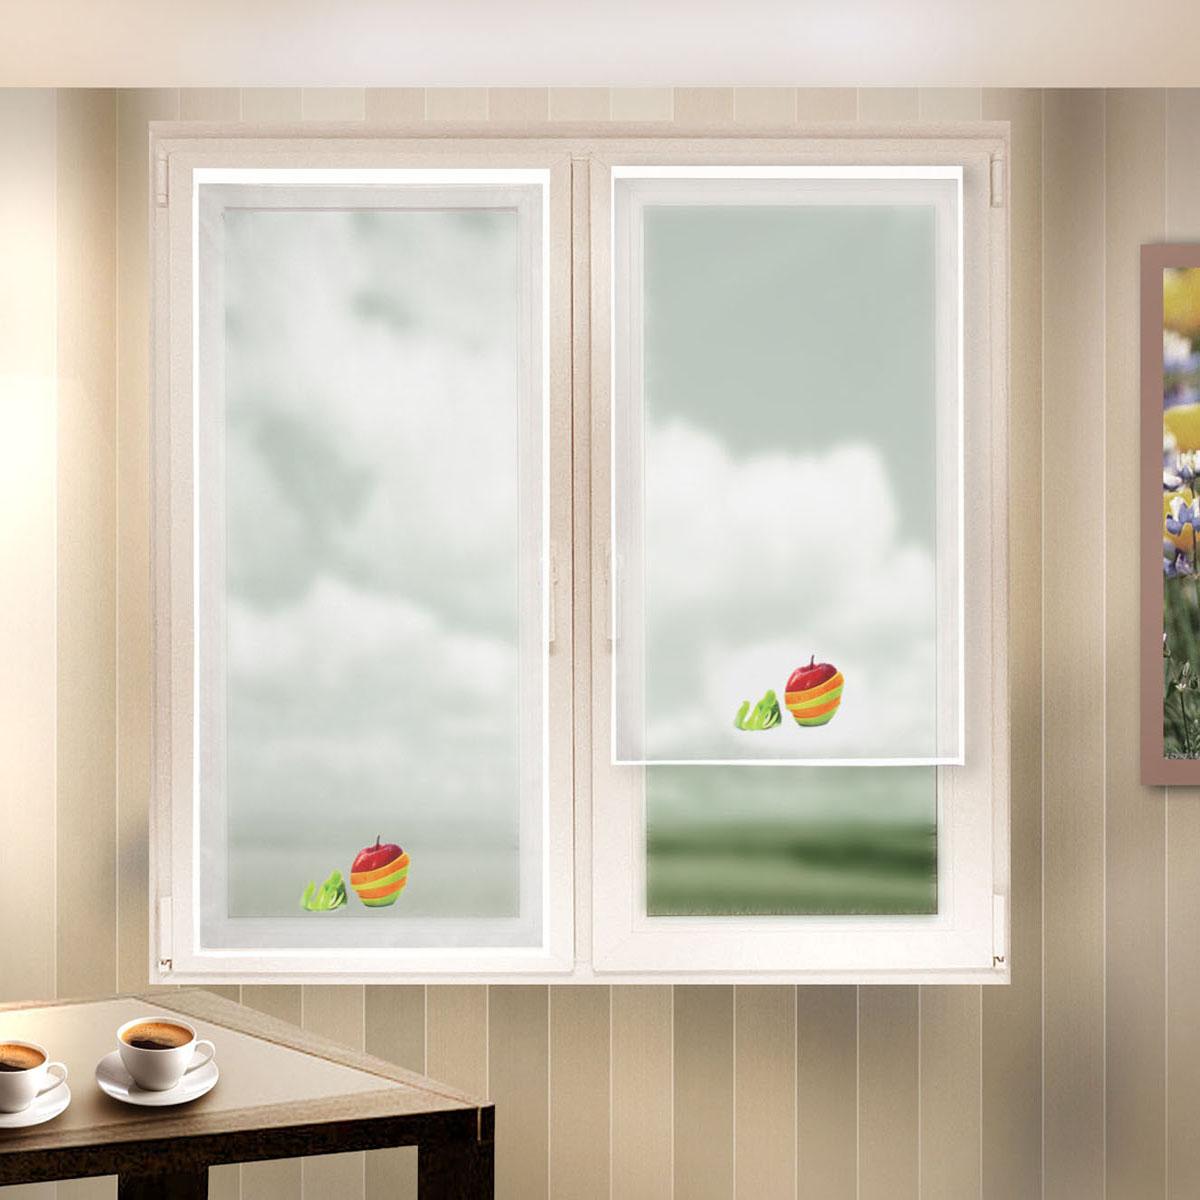 Гардина Zlata Korunka, на липкой ленте, цвет: белый, высота 90 см. 666041-2666041-2Гардина на липкой ленте Zlata Korunka, изготовленная из легкого полиэстера, станет великолепным украшением любого окна. Полотно из белой вуали с печатным рисунком привлечет к себе внимание и органично впишется в интерьер комнаты. Крепление на липкой ленте, не требующее сверления стен и карниза. Многоразовое и мгновенное крепление.